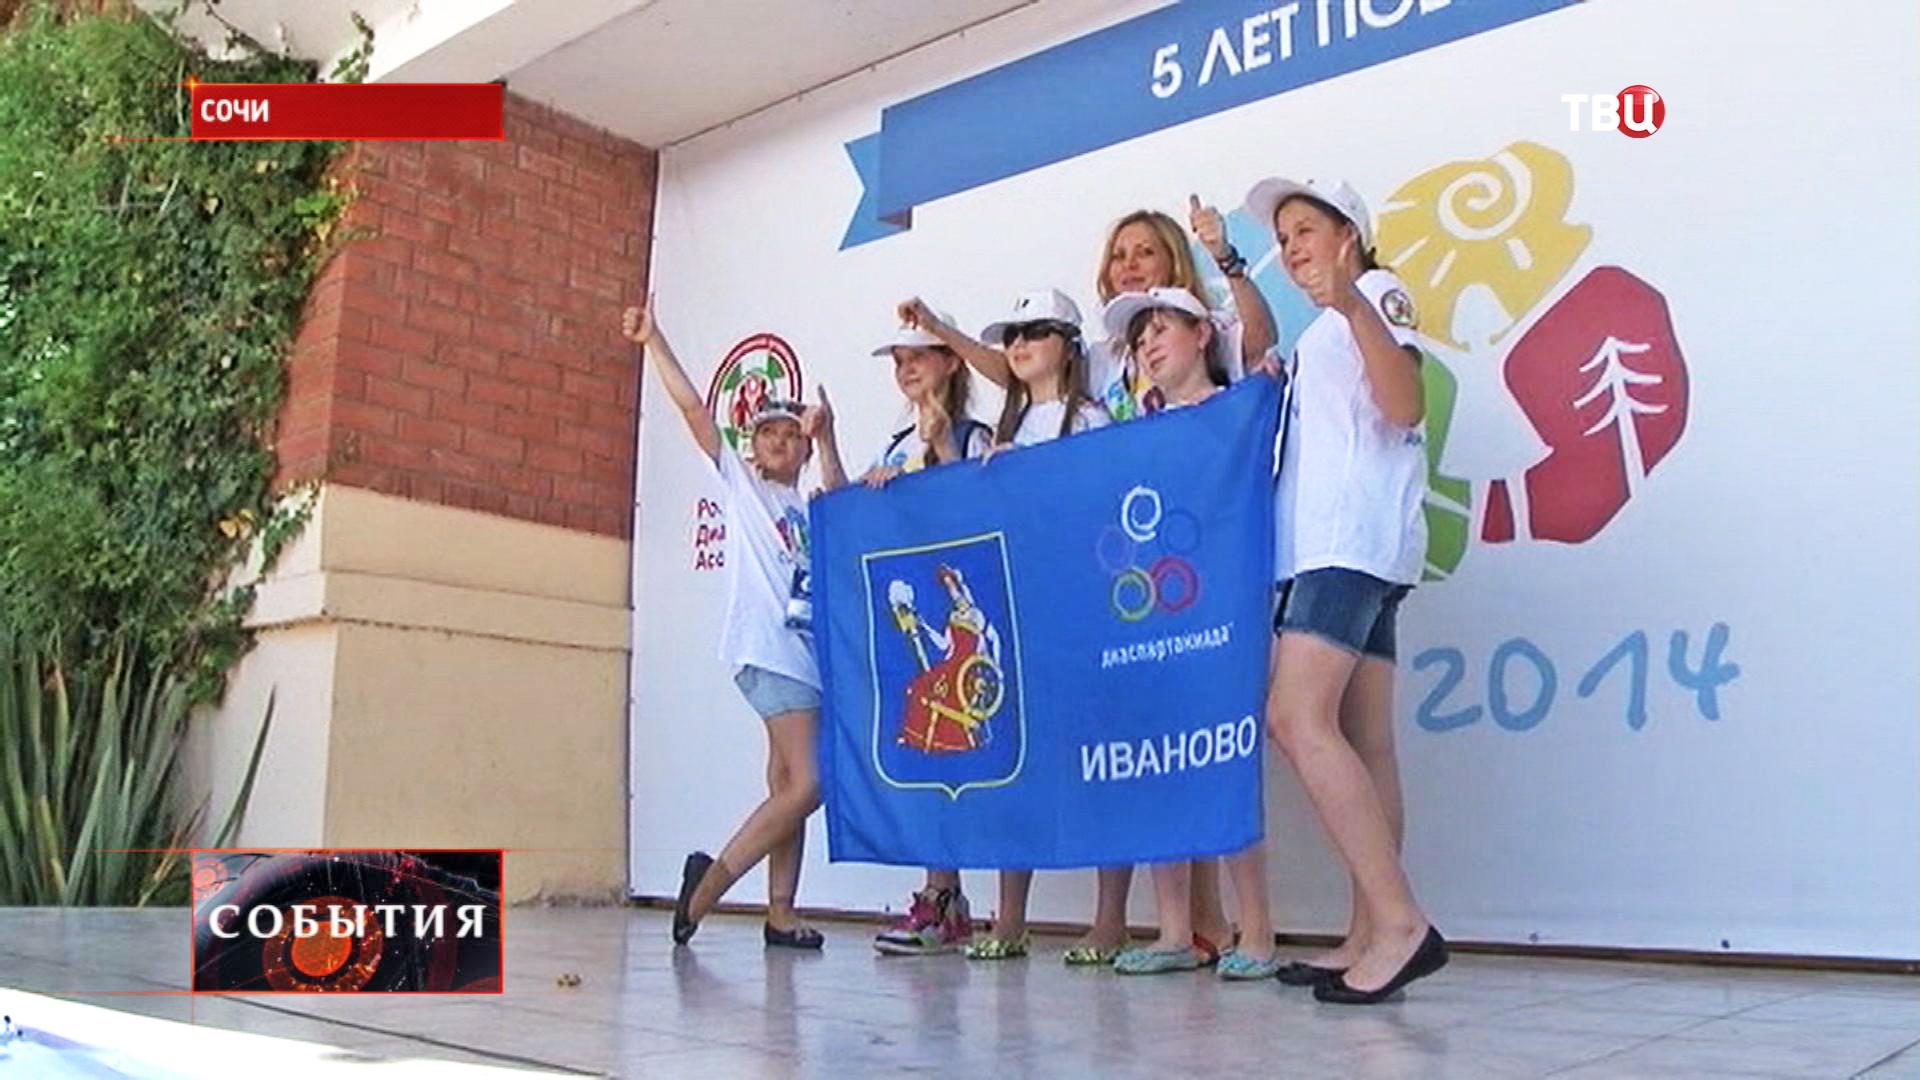 Участники Всероссийской Диаспартакиады в Сочи